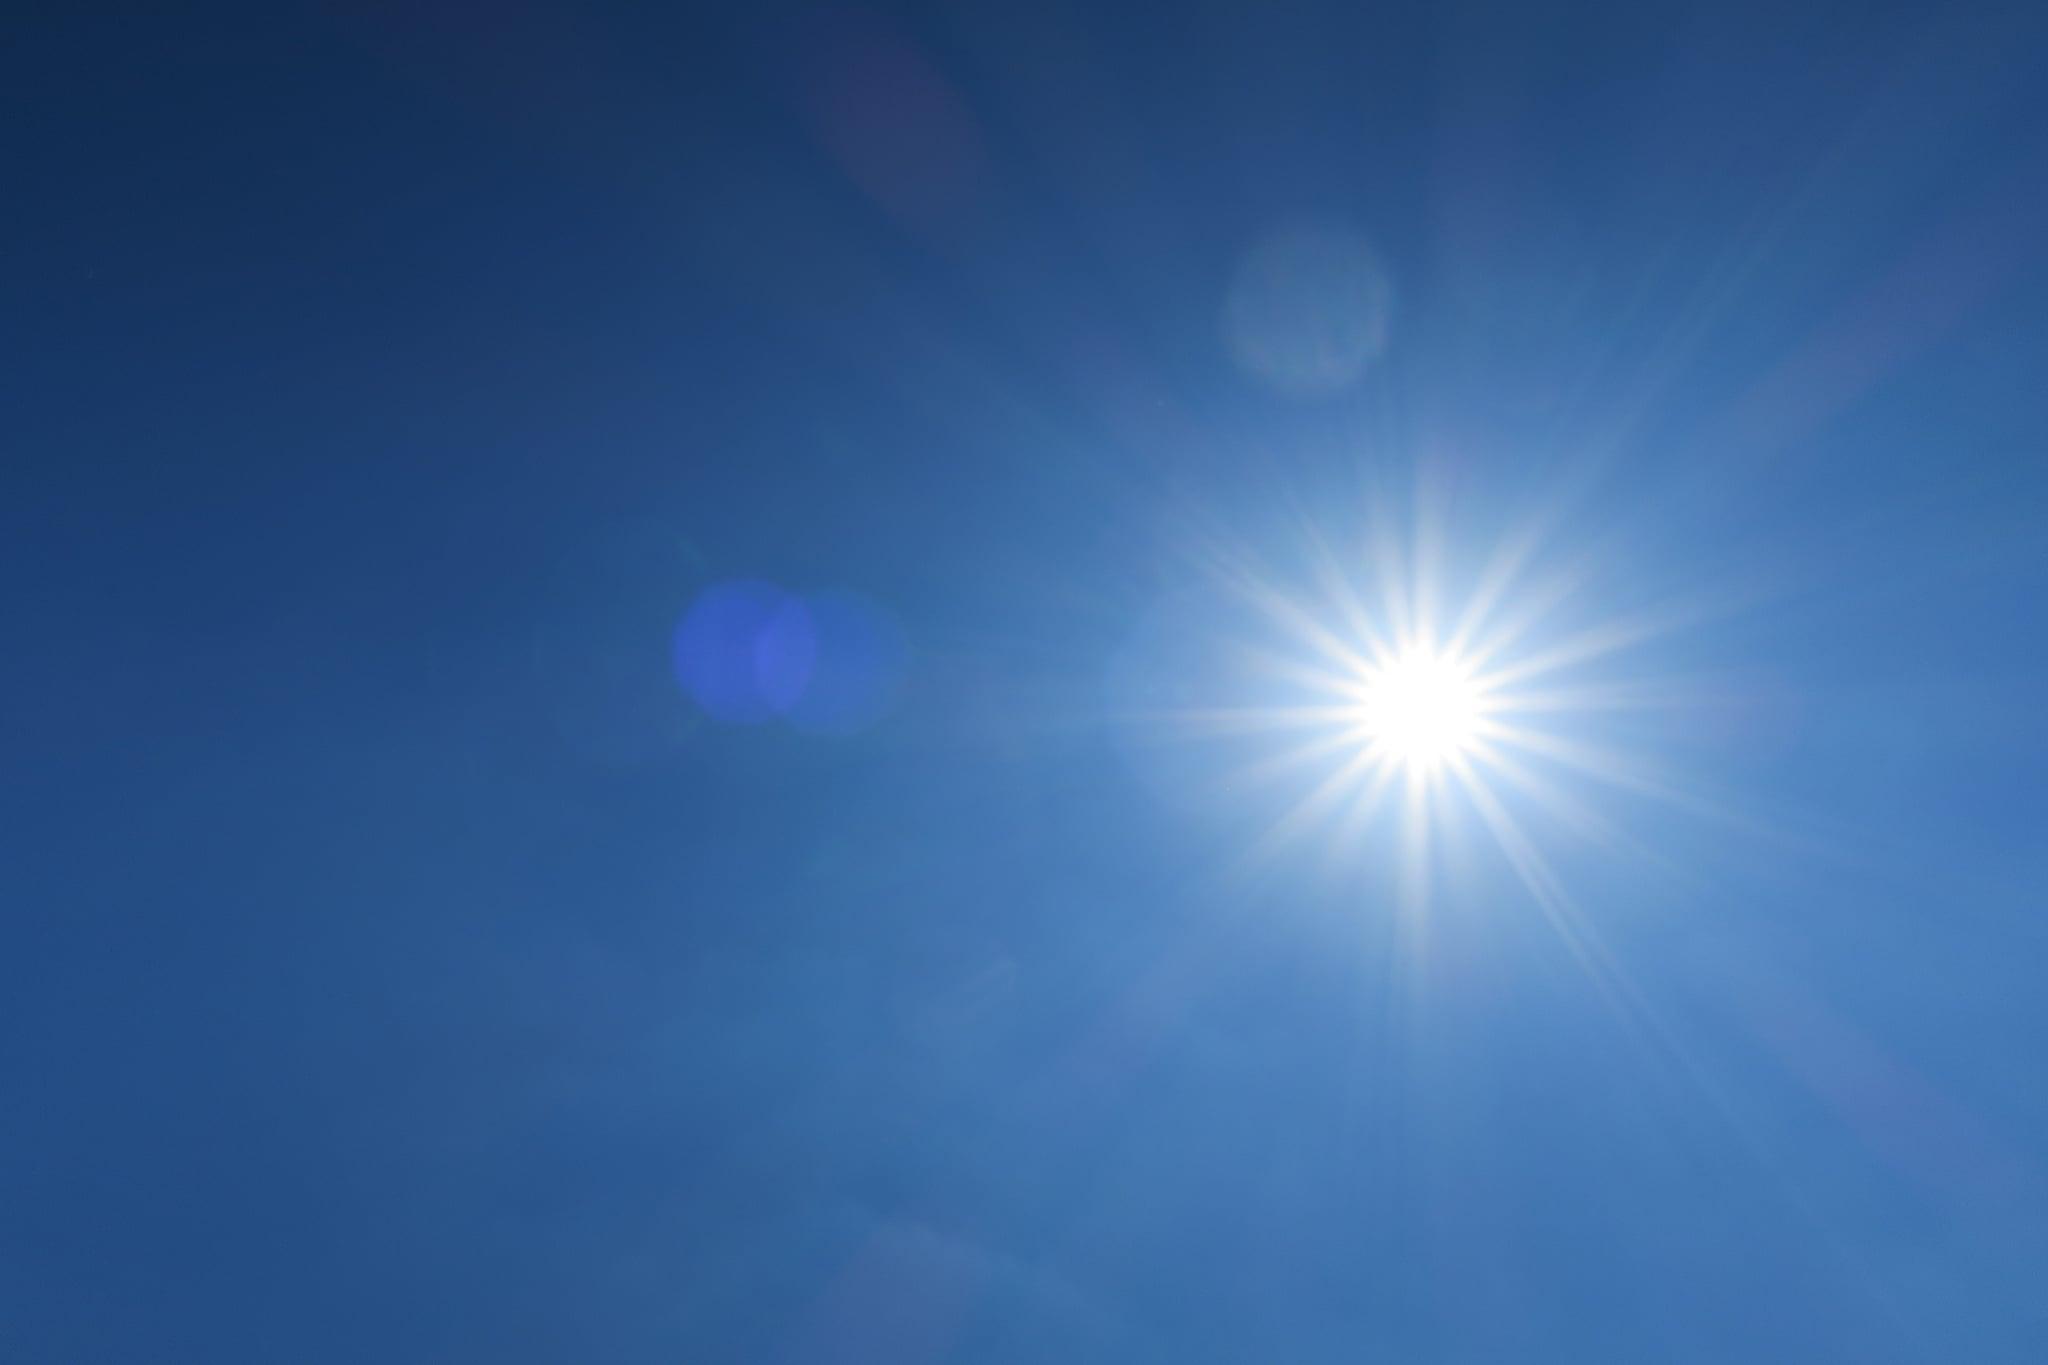 La luminothérapie – le bien-être par la lumière